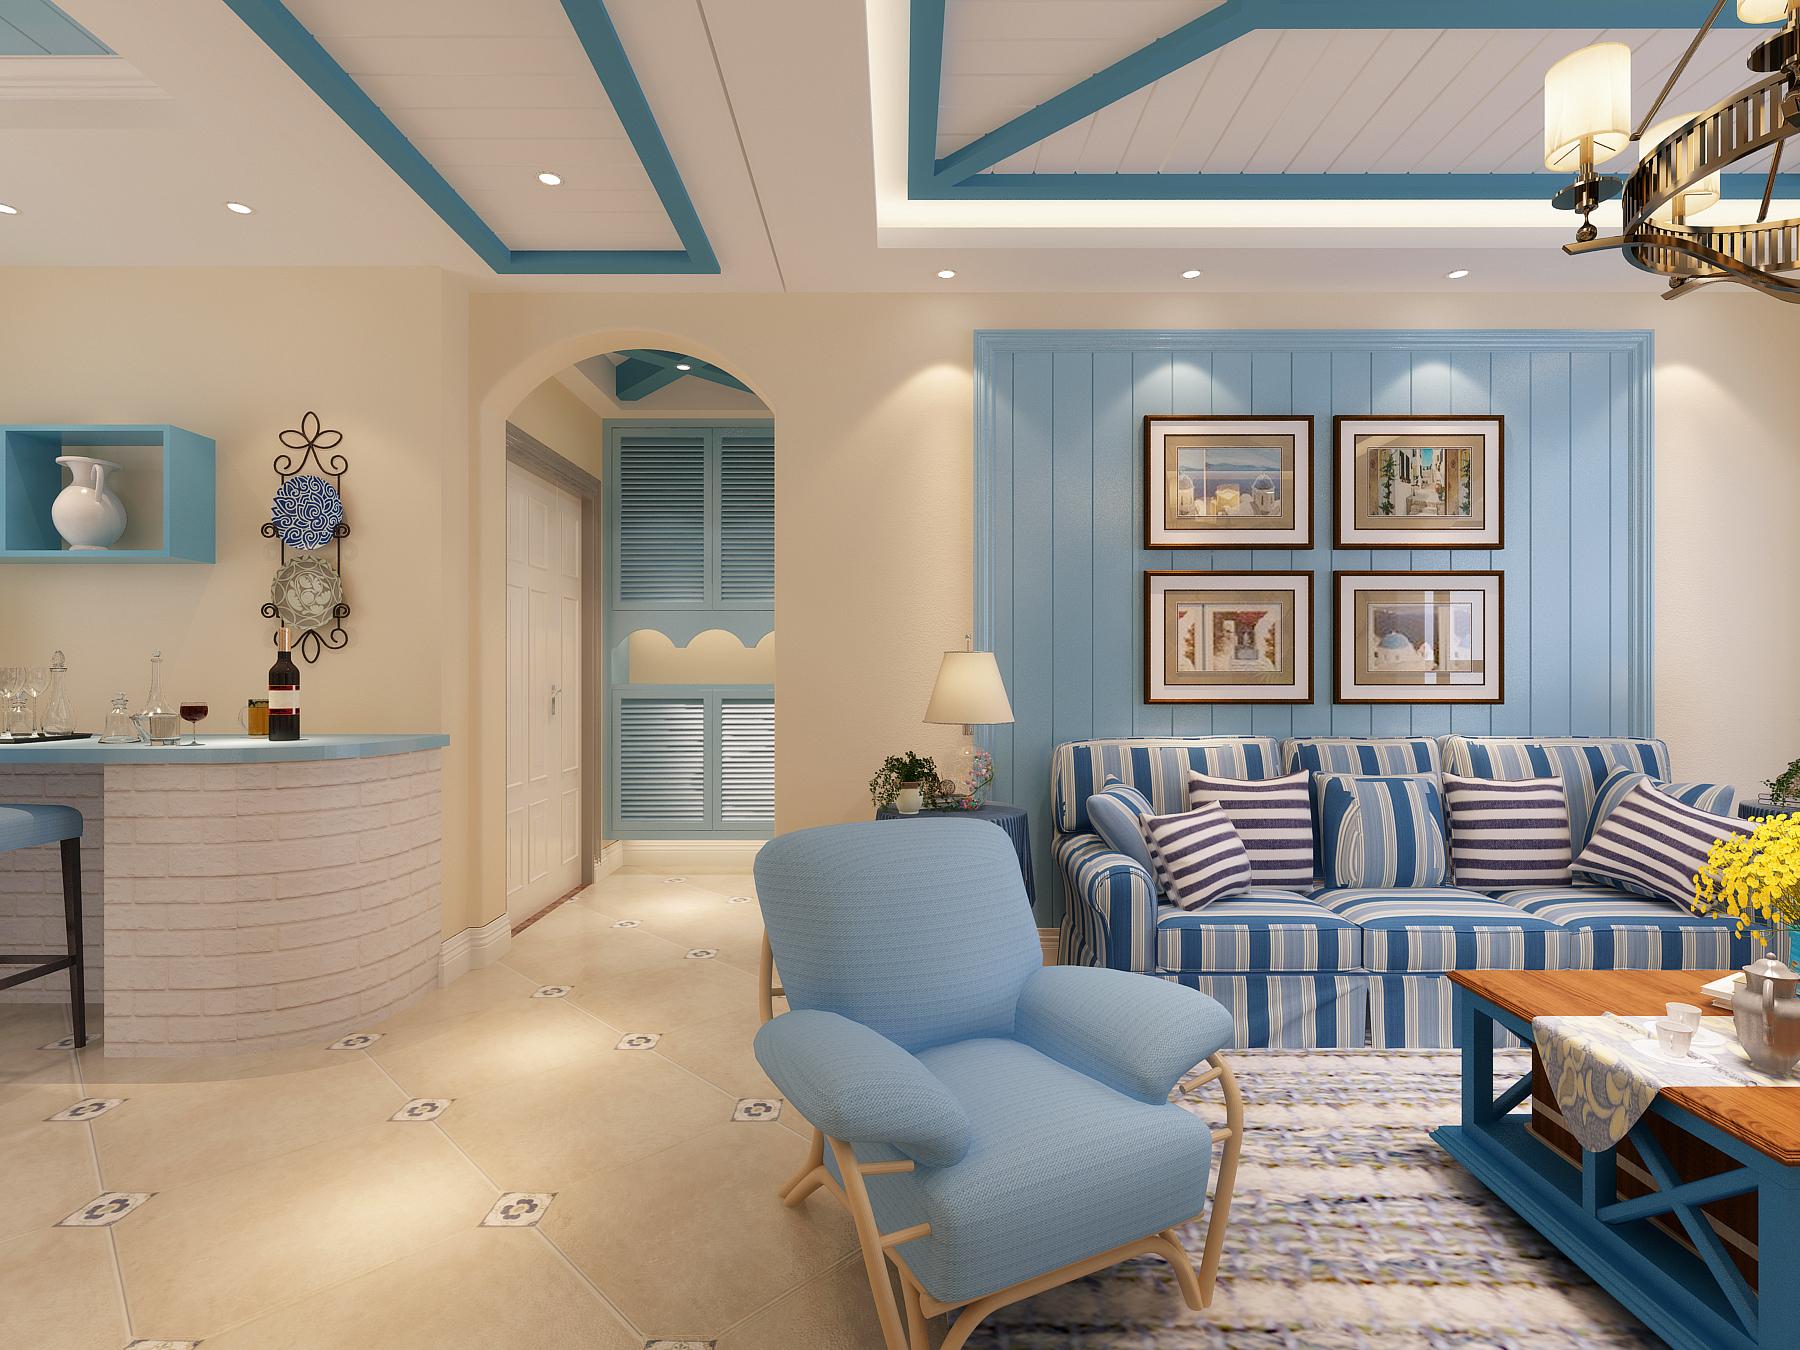 地中海风格沙发背景墙装修效果图